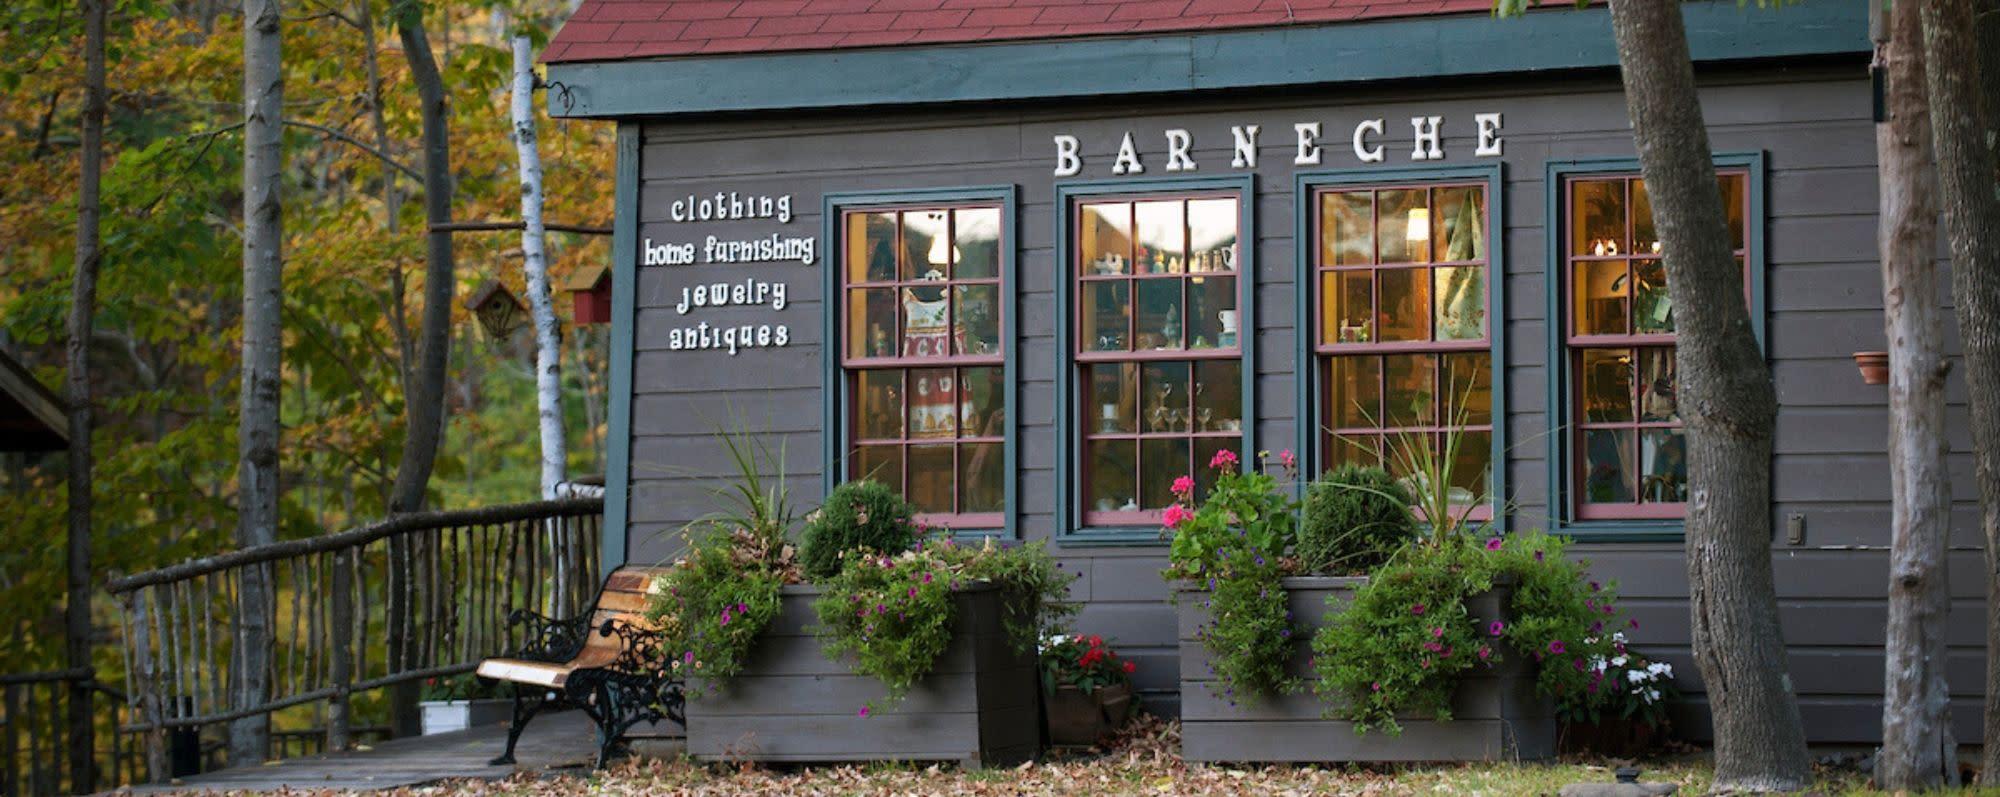 Barneche Design Store, Chichester